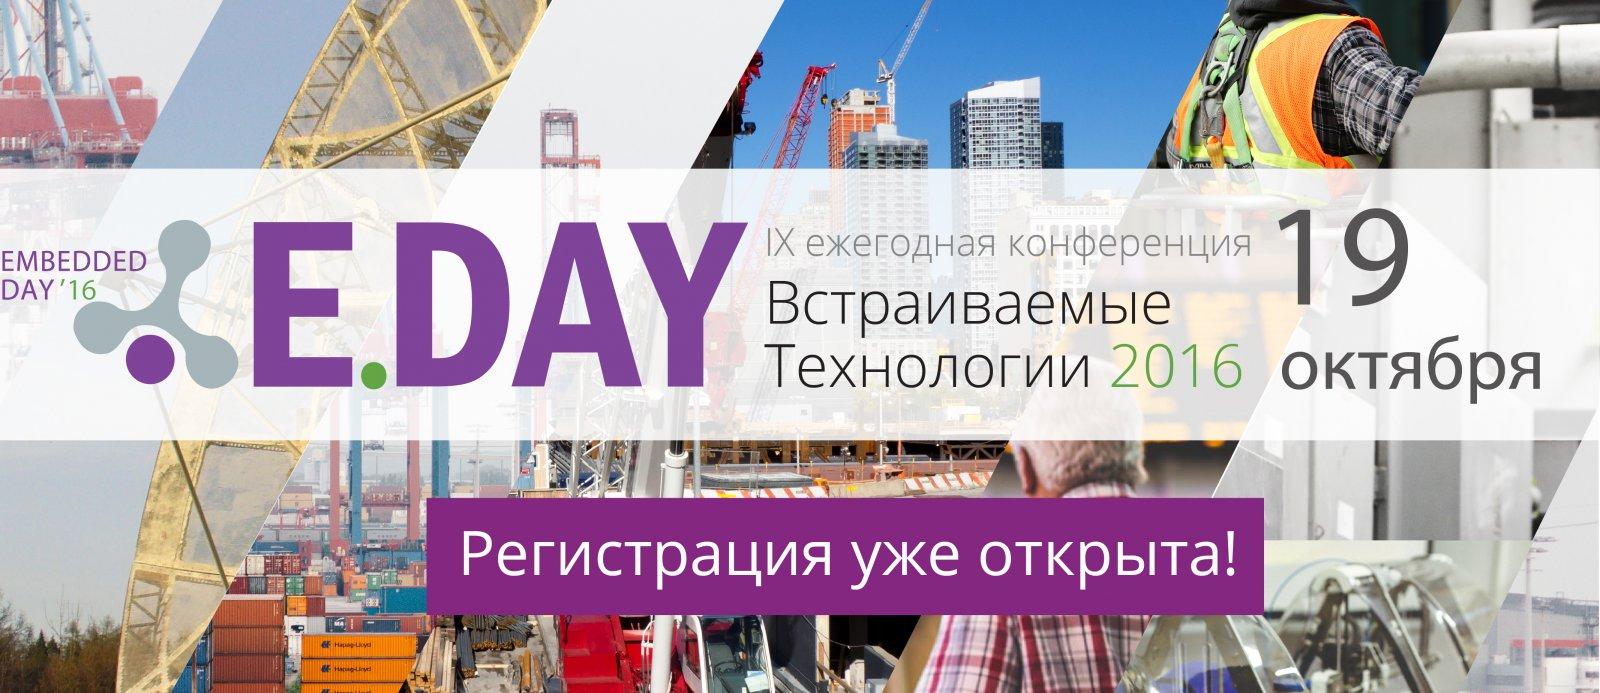 IX ежегодная конференция «Встраиваемые технологии 2016. Промышленный Интернет Вещей»